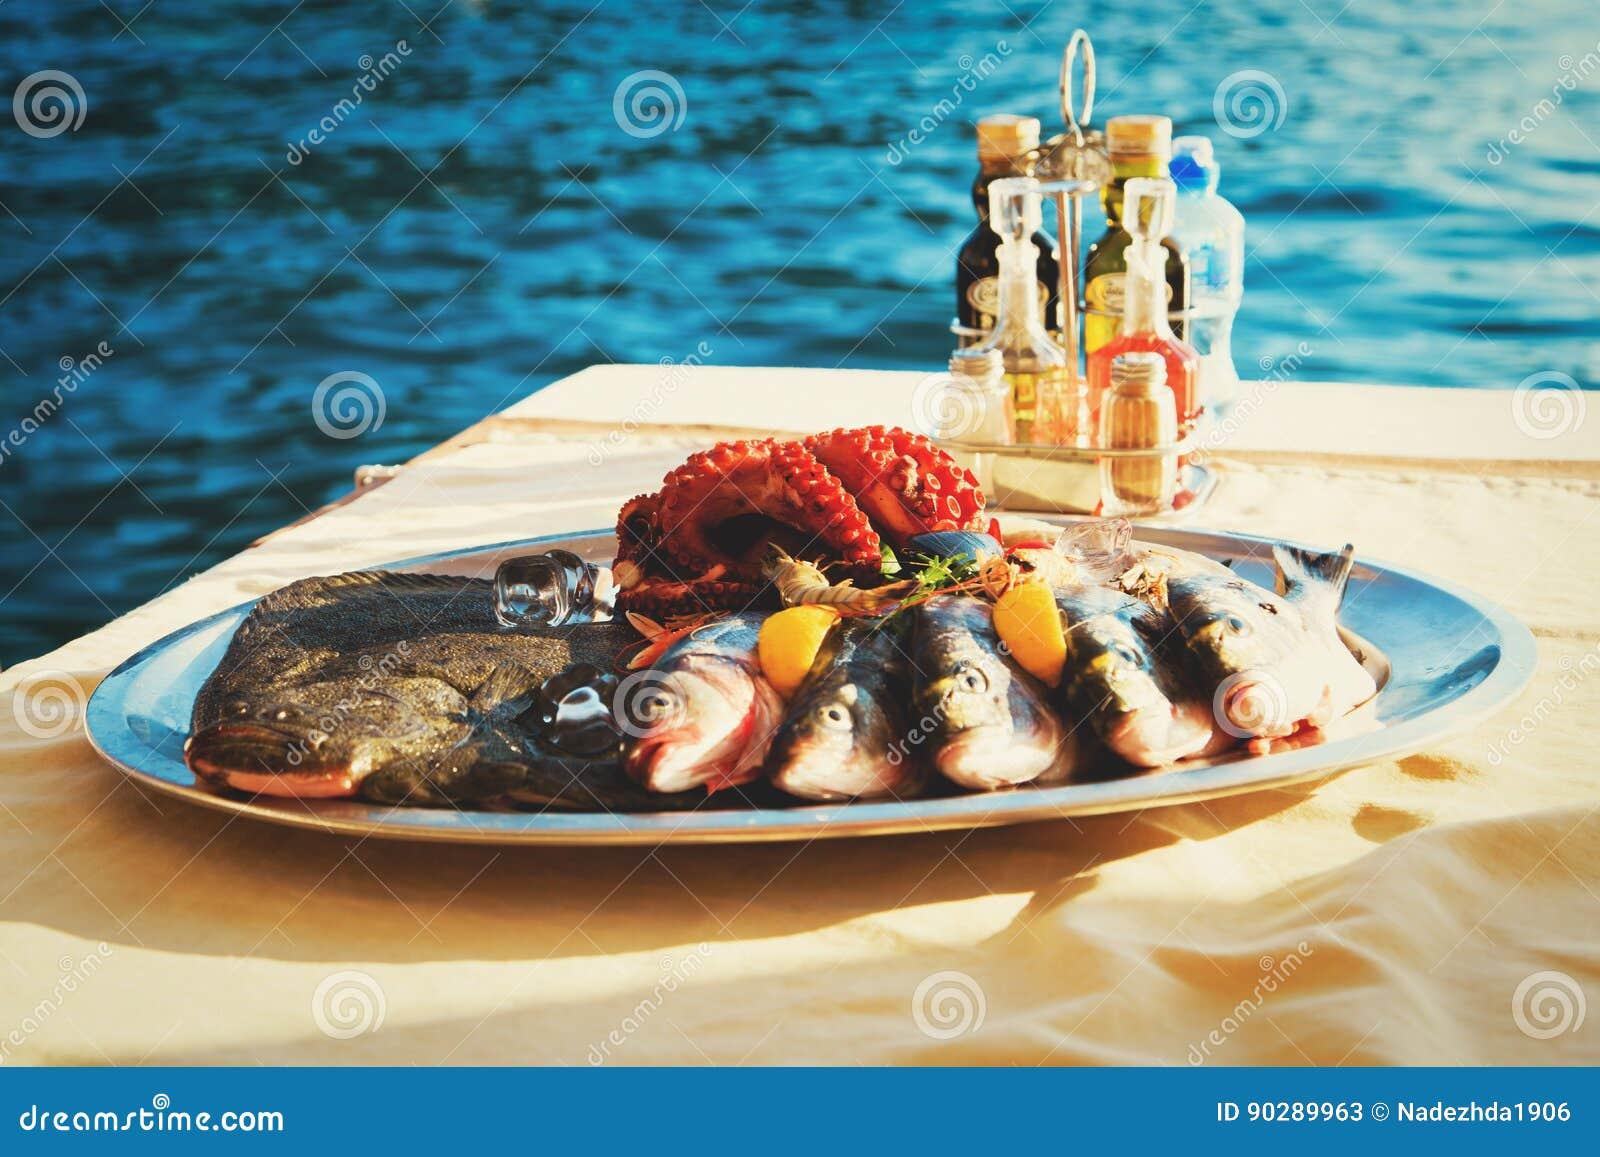 Ny havs- platta i restaurang på havet